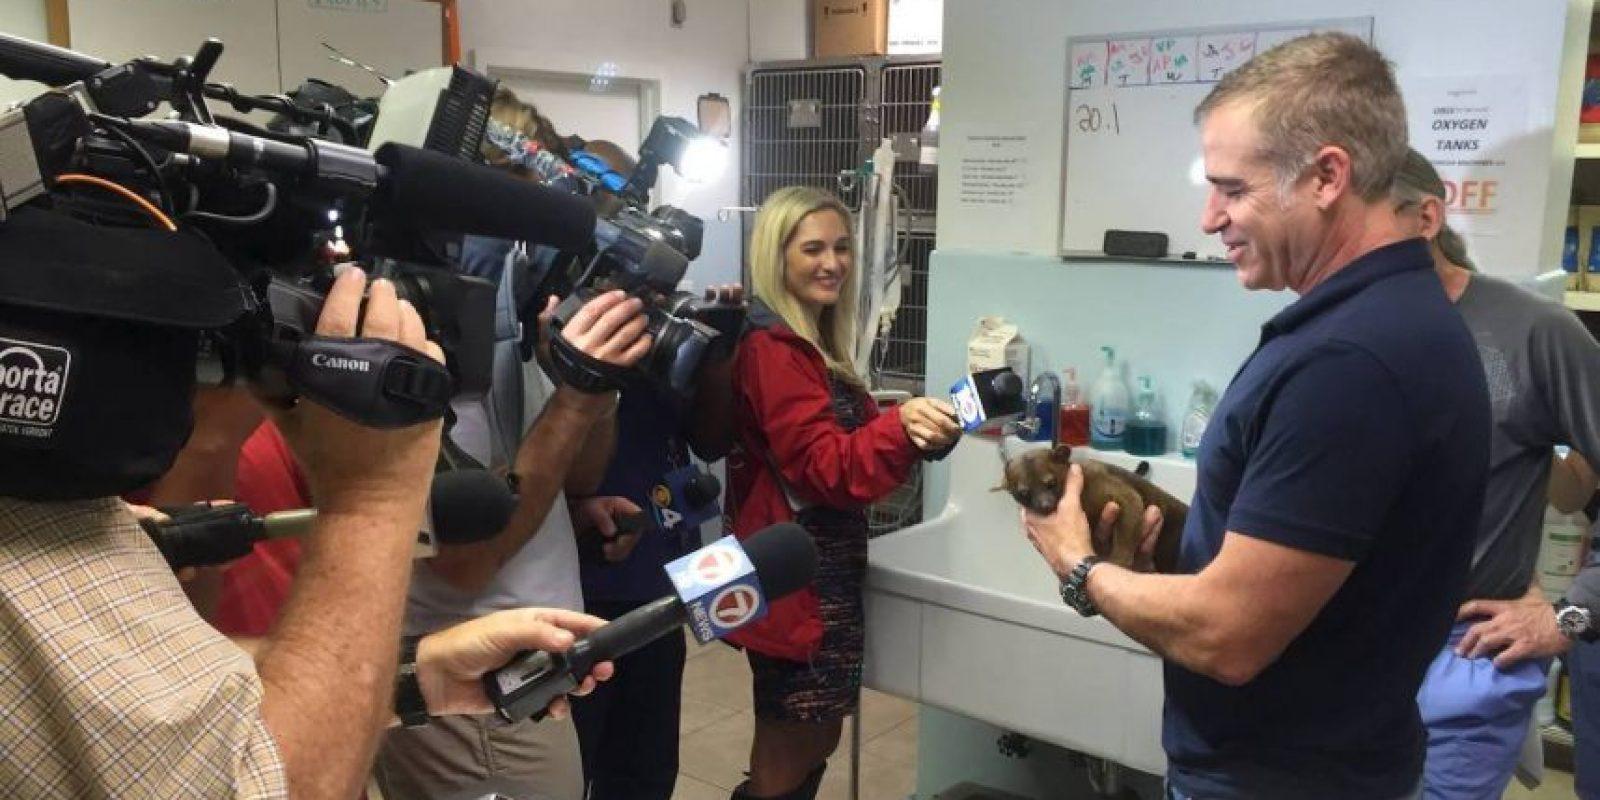 De hecho, recibió el trato de una celebridad Foto:Facebook.com/aeamc. Imagen Por: